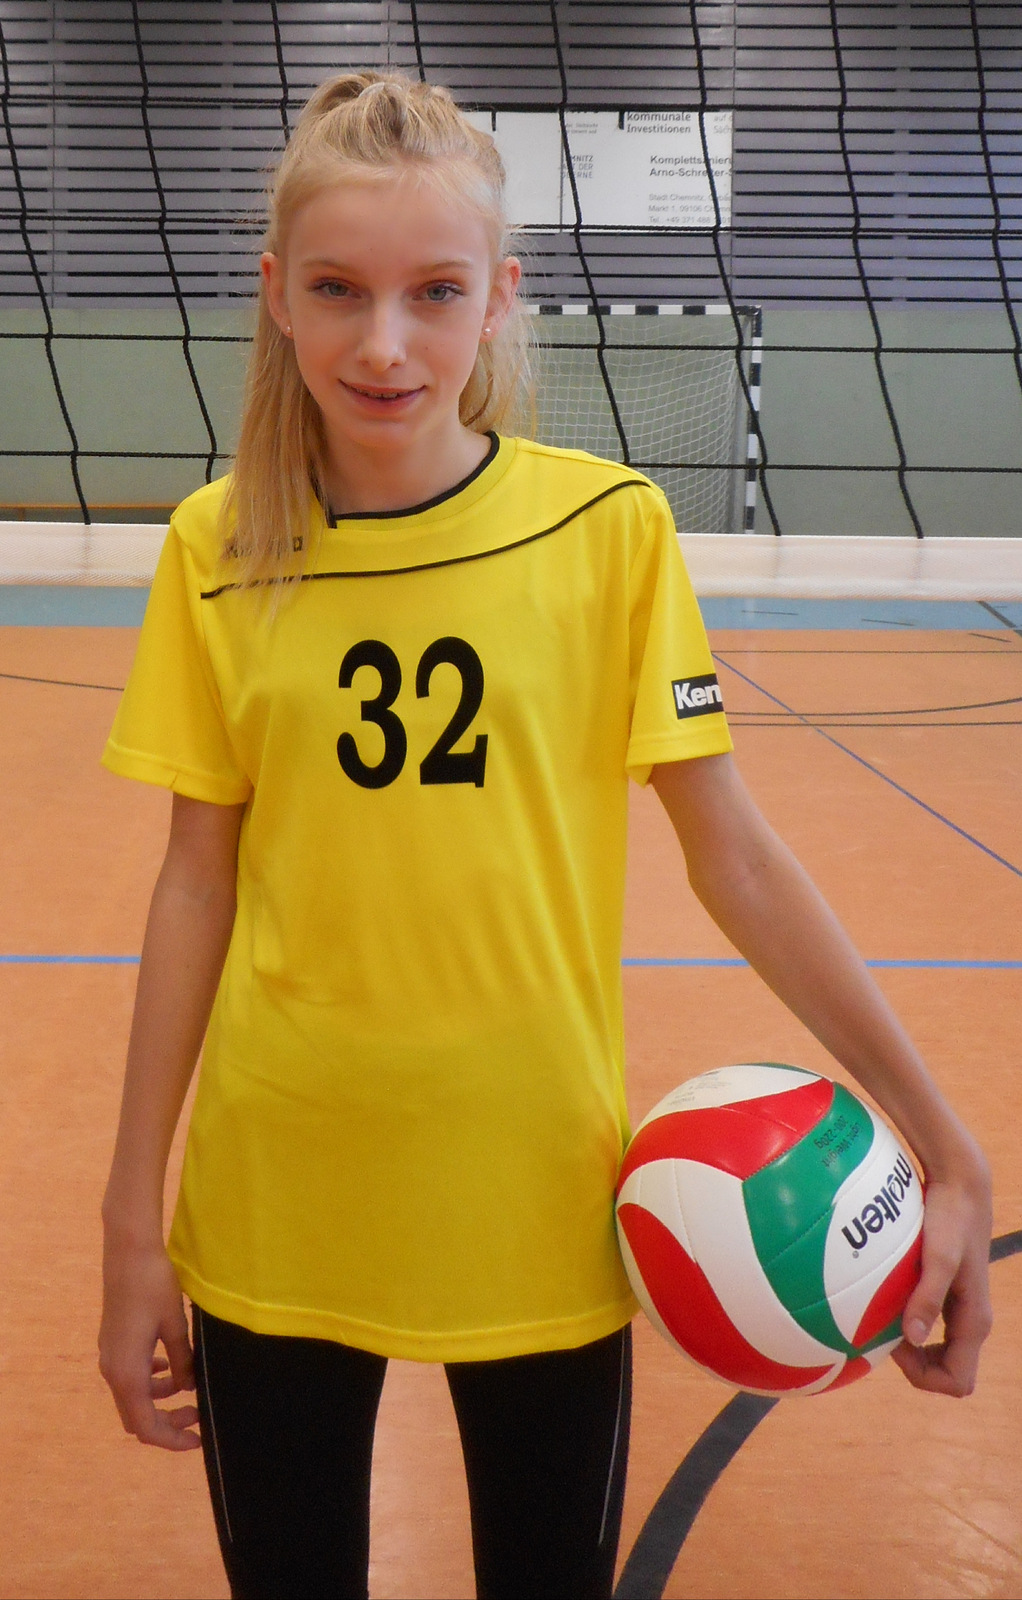 Elina Müller